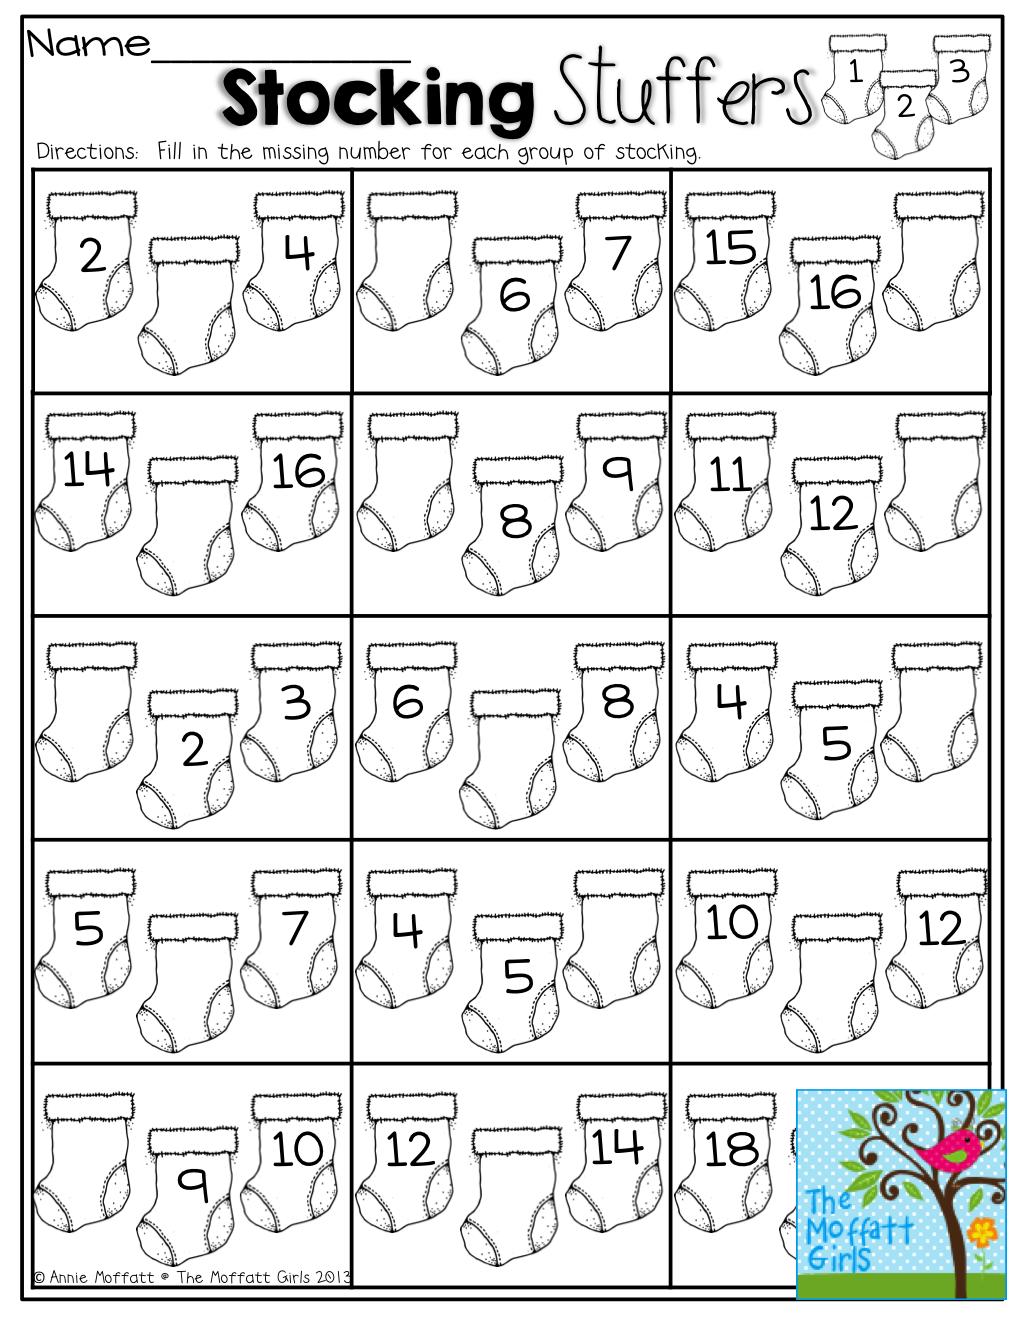 Stocking Stuffers What Come S Before After And In Between Christmas Kindergarten Preschool Math Teaching Kindergarten [ 1325 x 1024 Pixel ]